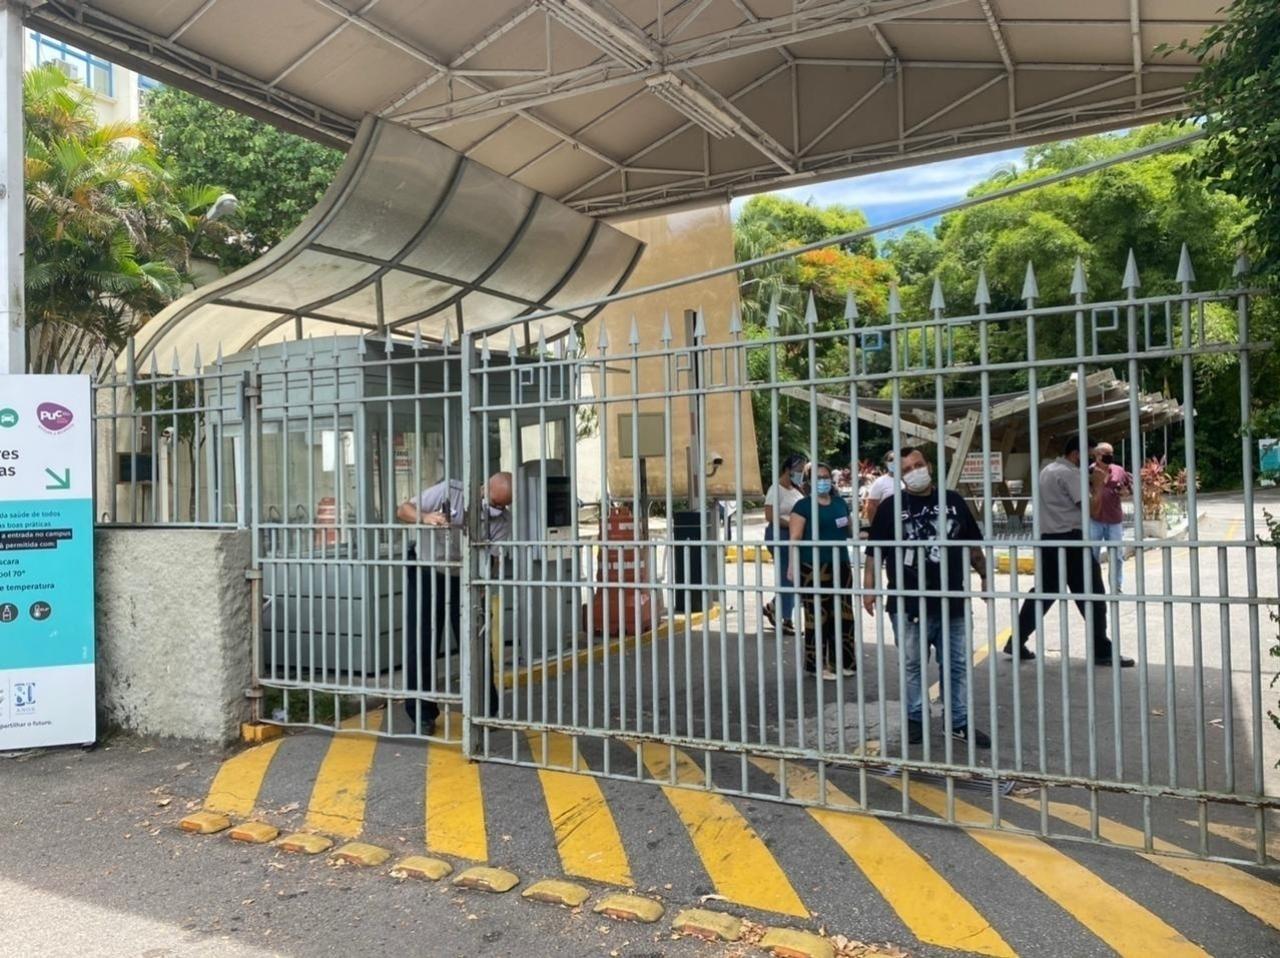 Portões fecham para dar início ao segundo dia de prova do Enem na PUC-Rio, zona sul da cidade - Tatiana Campbell/UOL